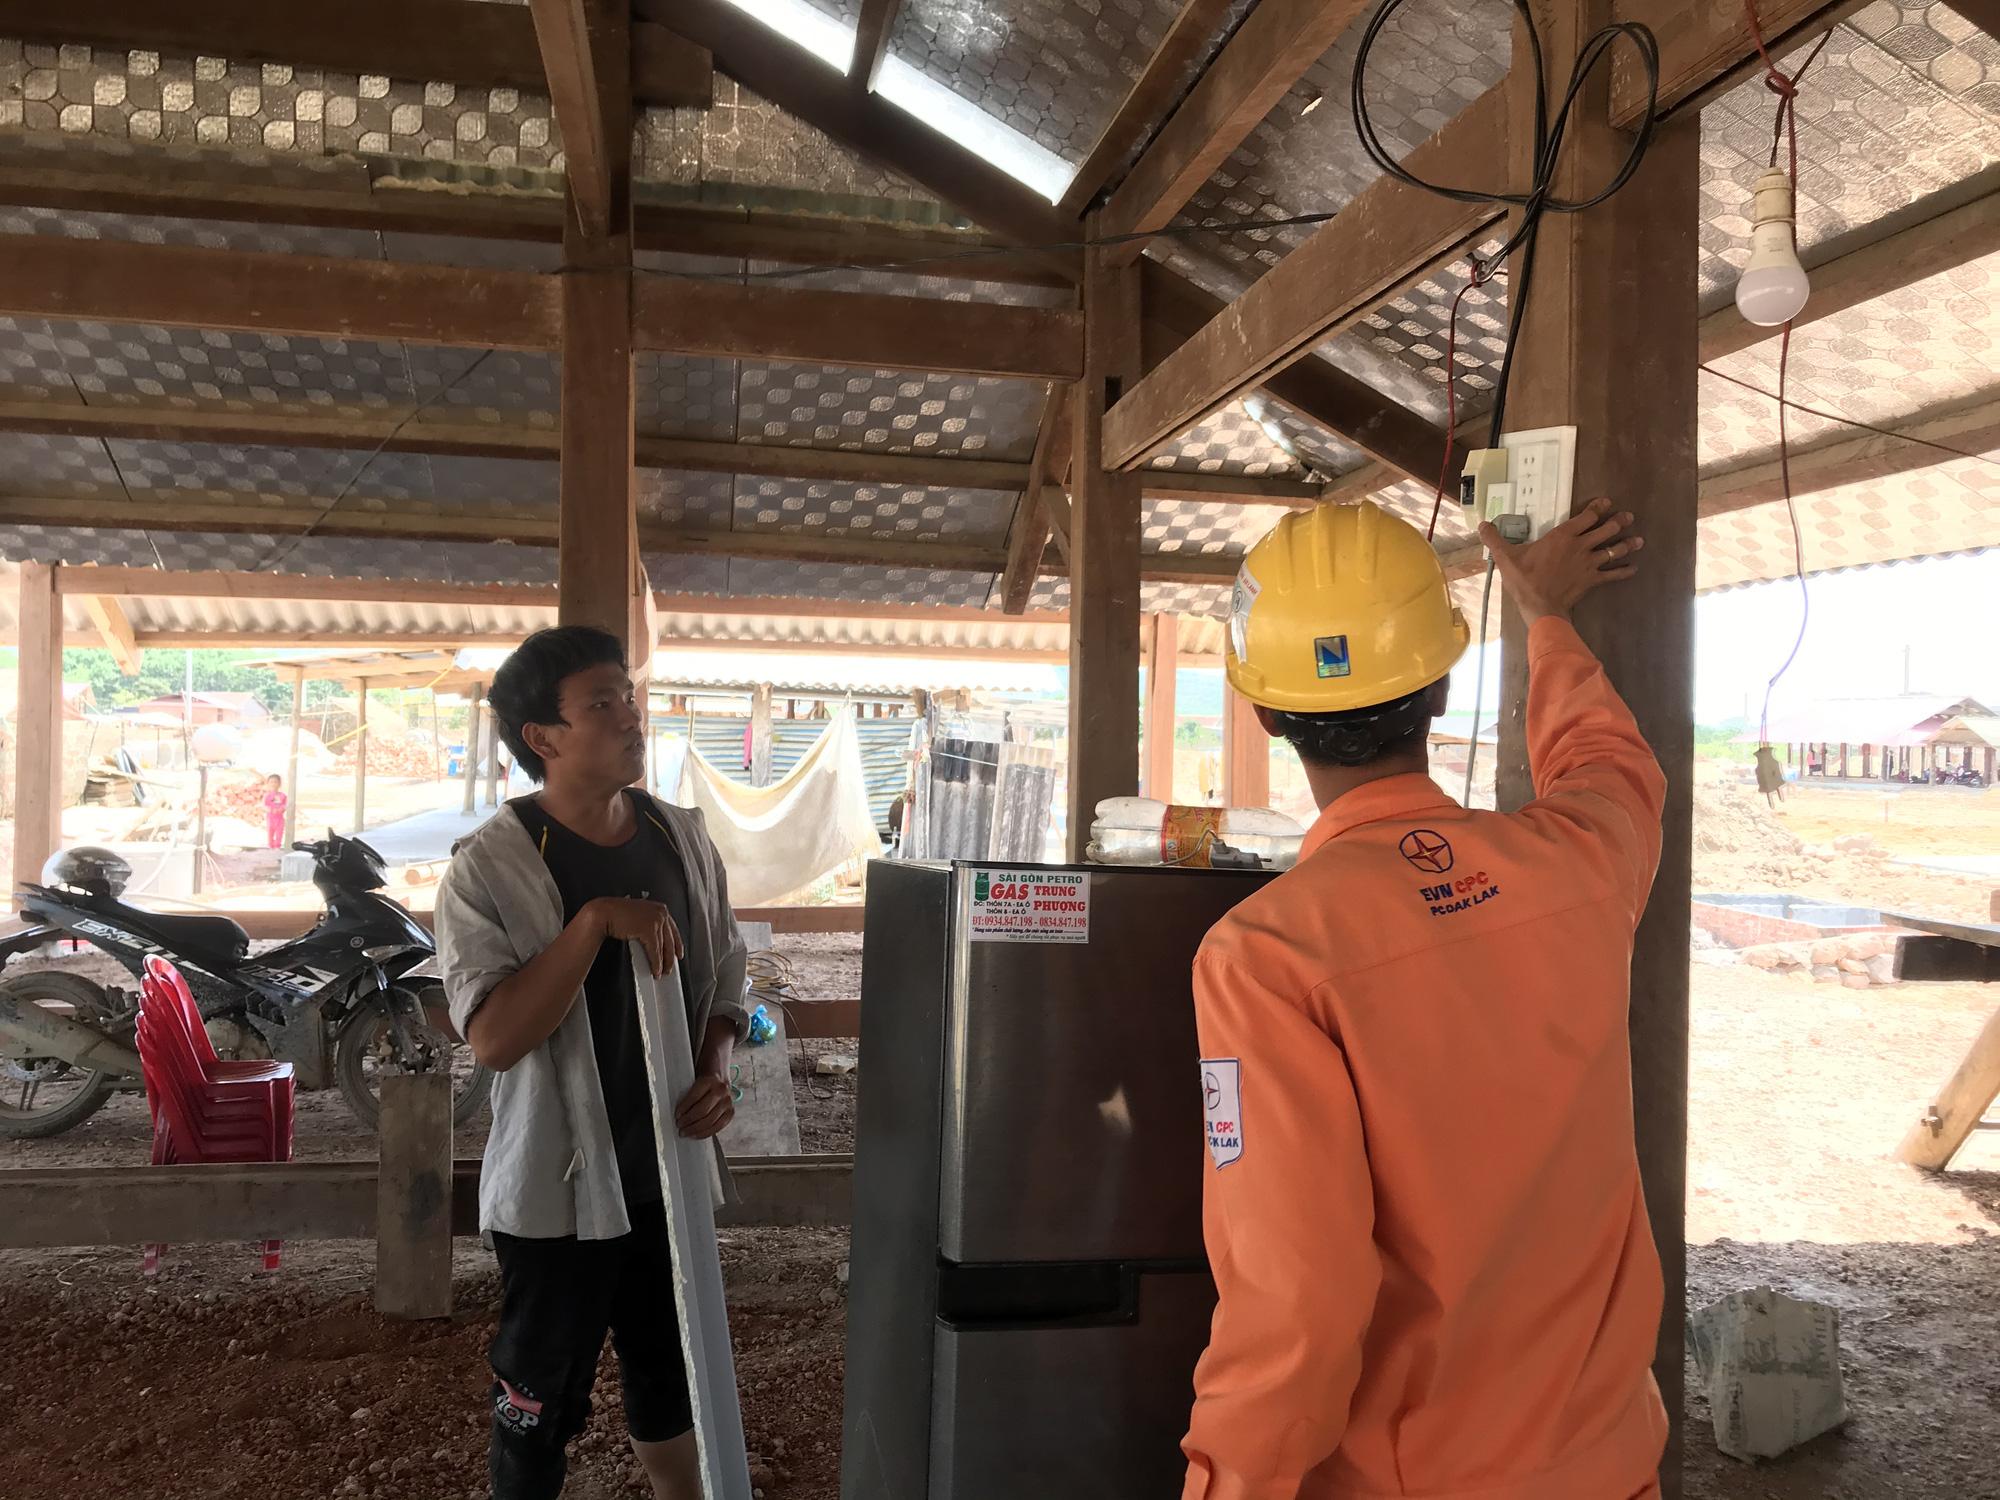 Tái định cư Dự án hồ chứa nước Krông Pắk Thượng: Nhà vừa dựng lên đã có điện - Ảnh 3.